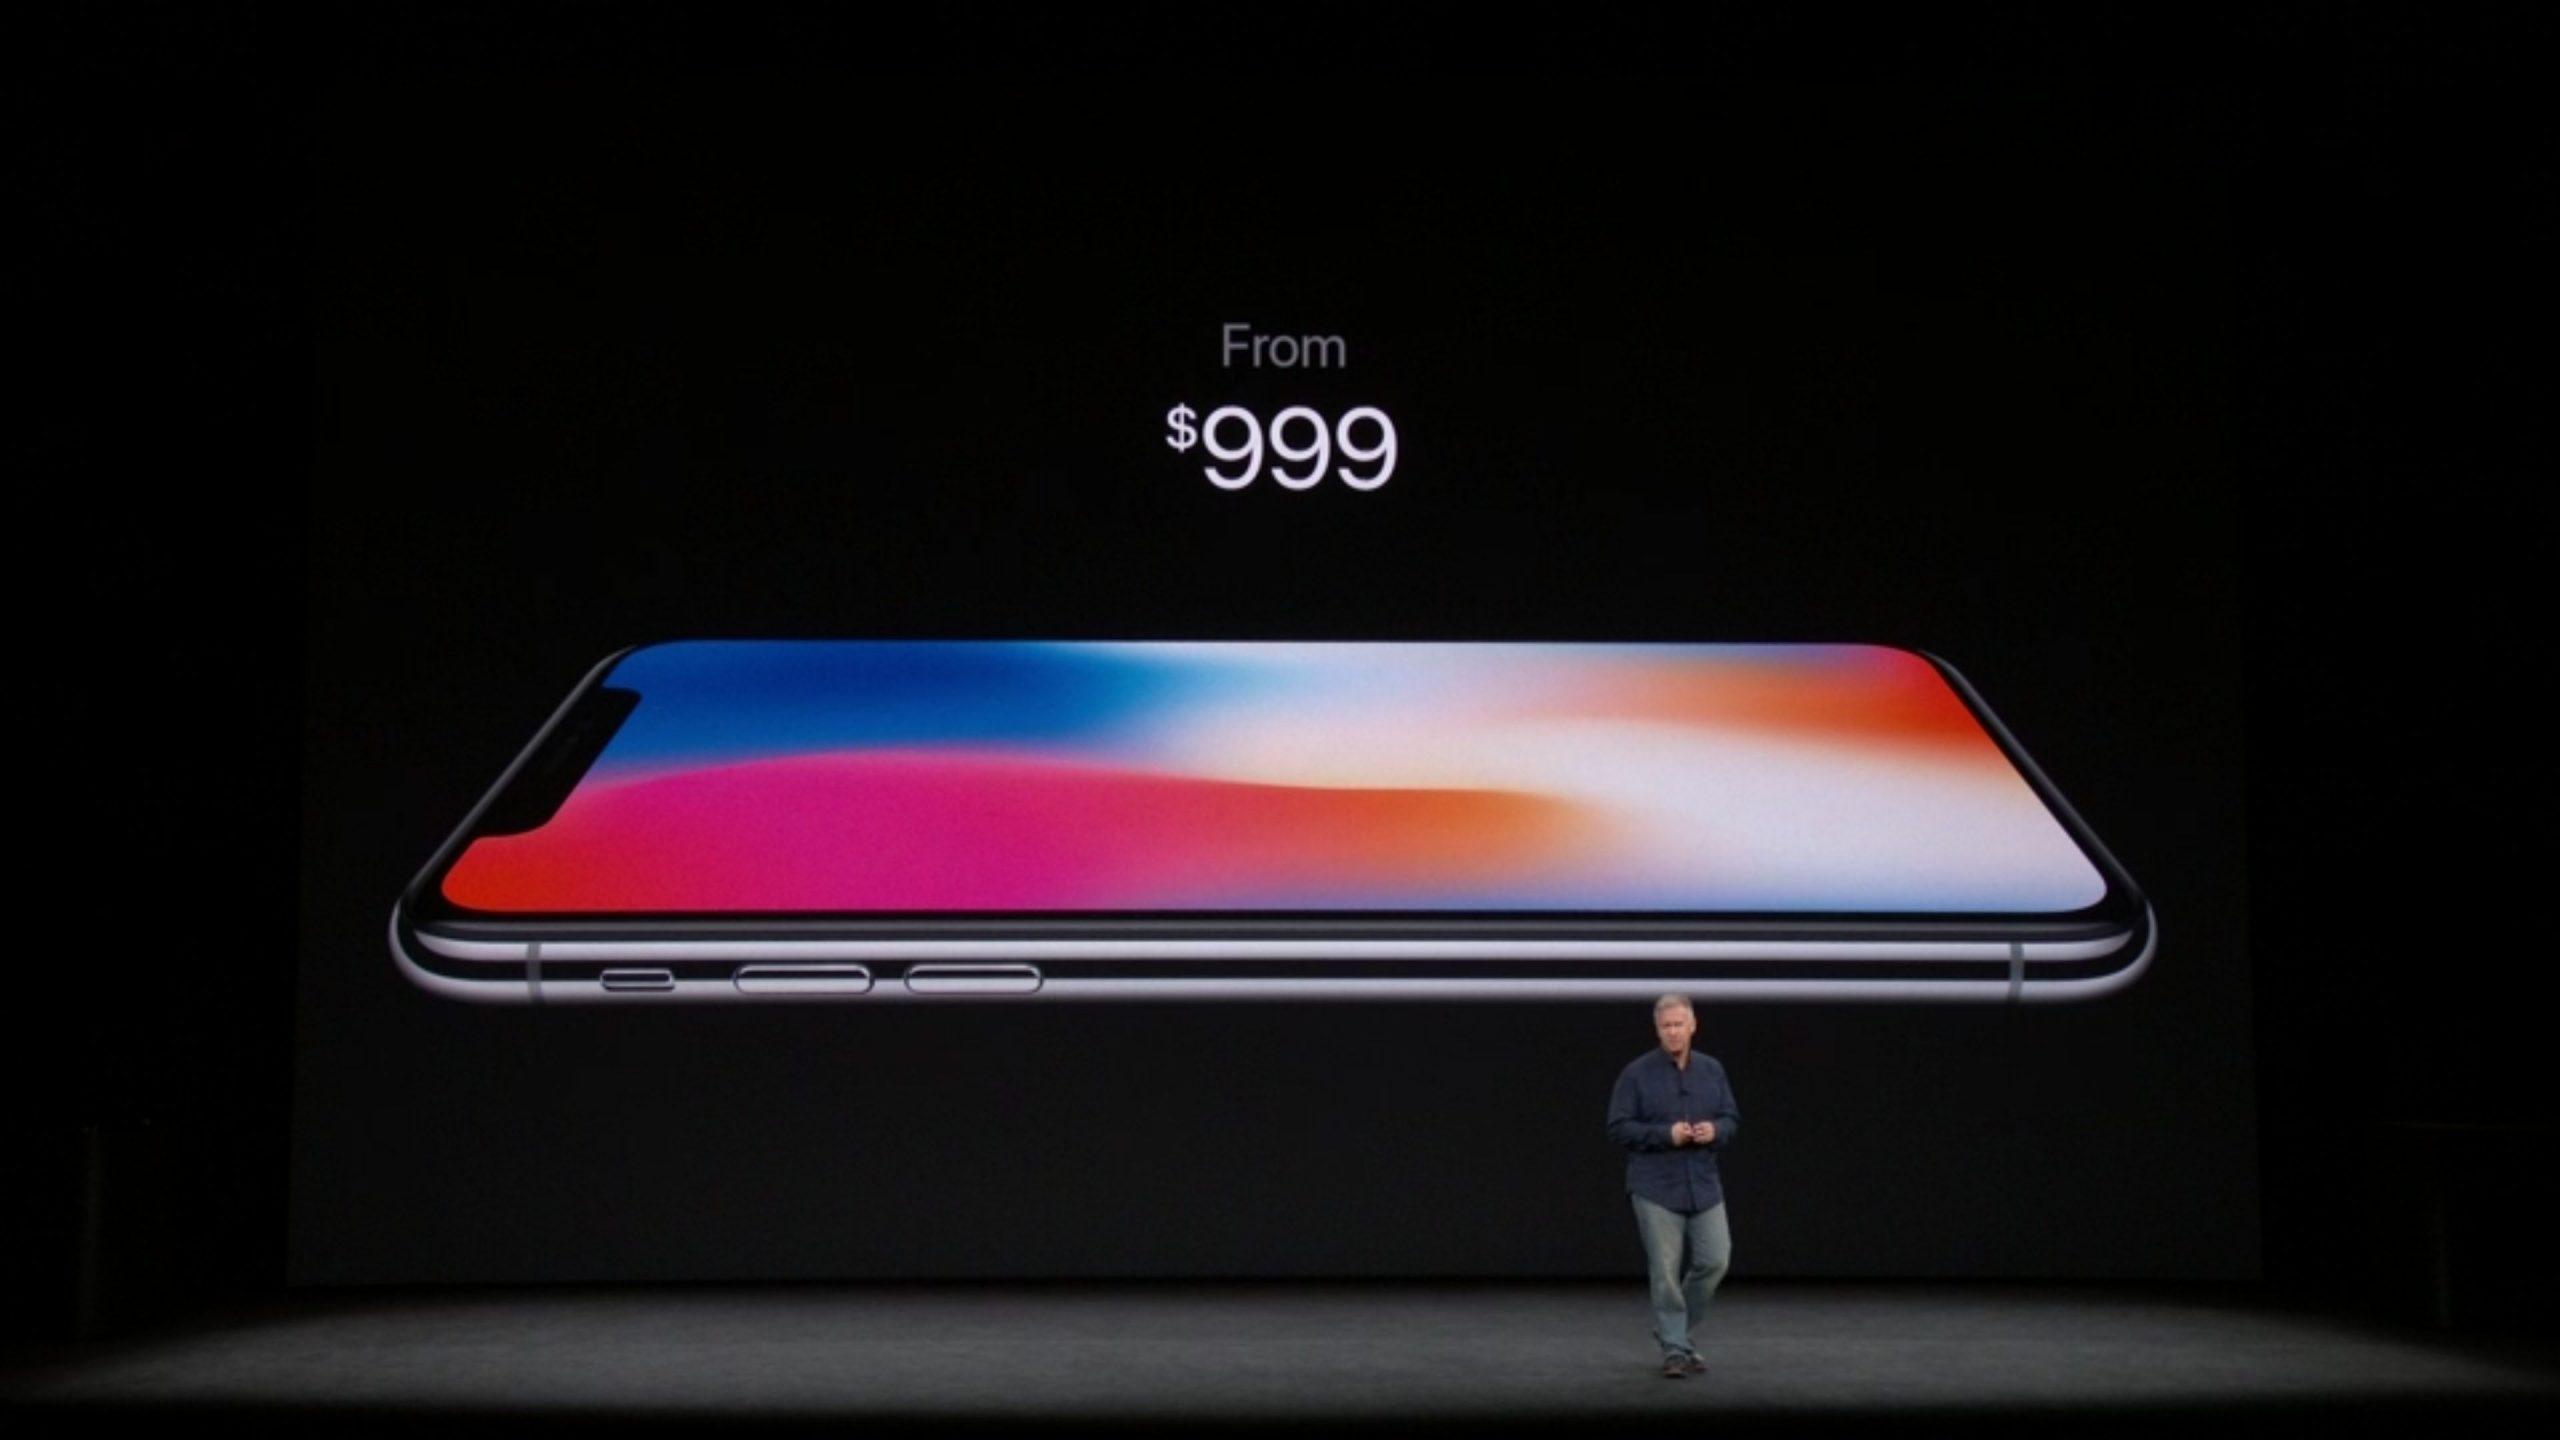 AppleCare + cobertura com preço de US $ 199 por US $ 999 iPhone X, US $ 149 ...